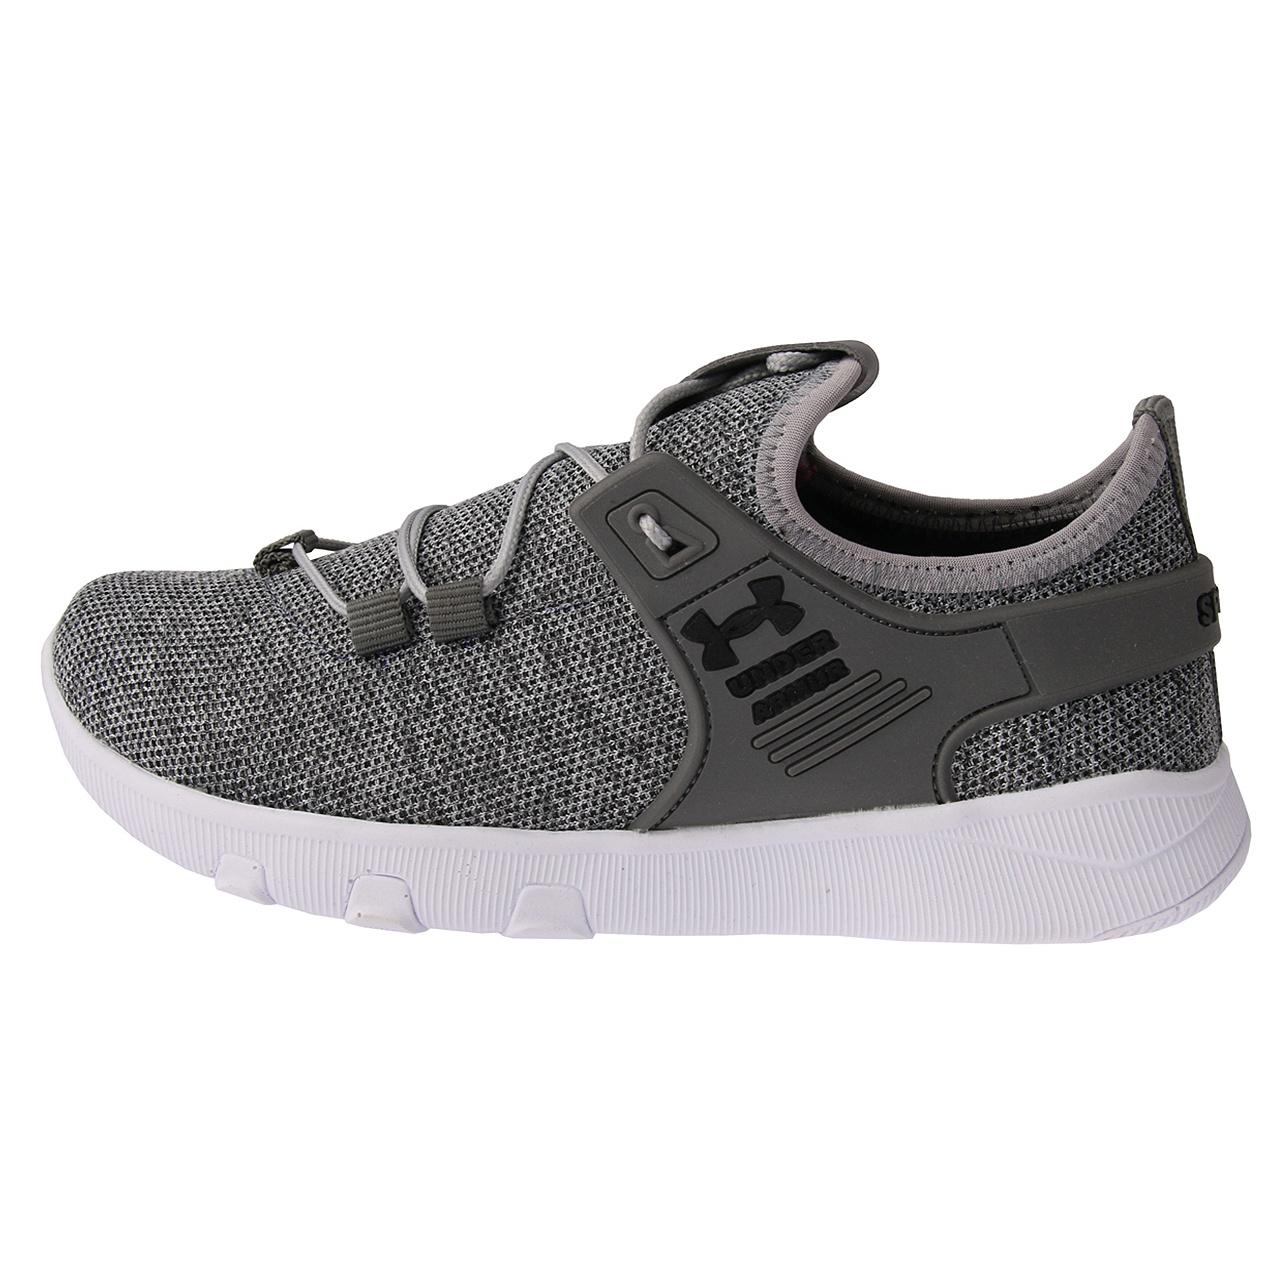 کفش مخصوص پیاده روی زنانه کد 351001519